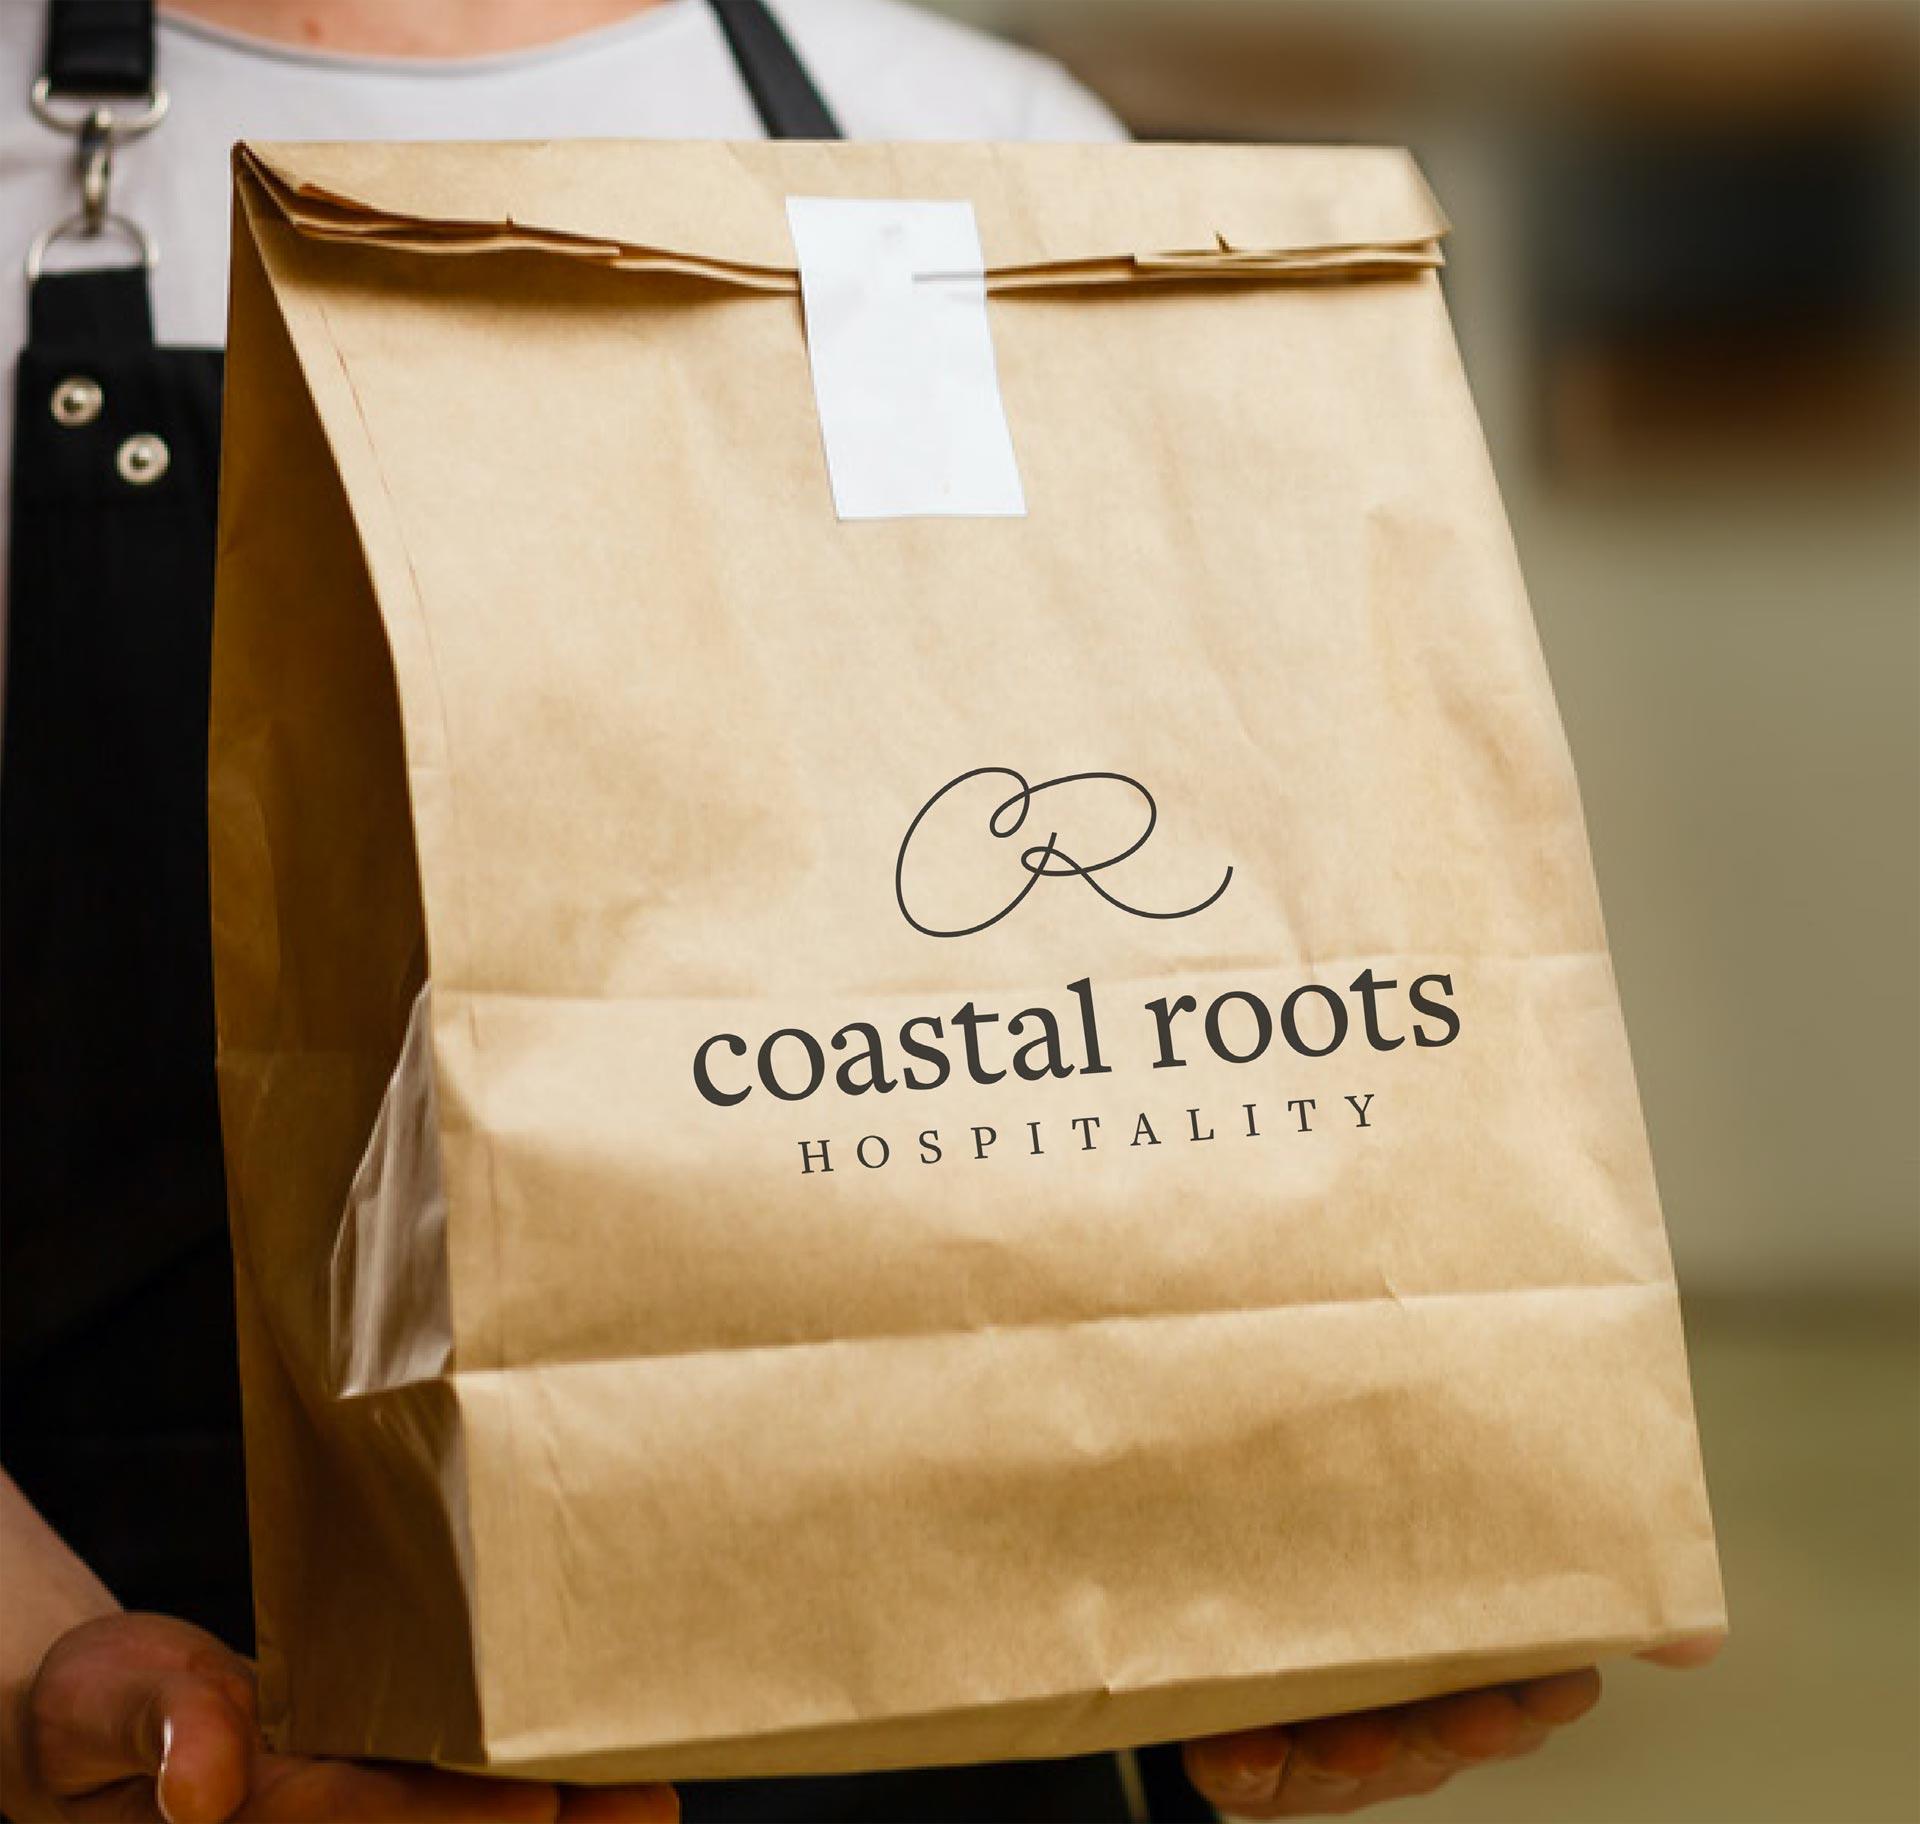 Coastal Roots Hospitality - takeout bag